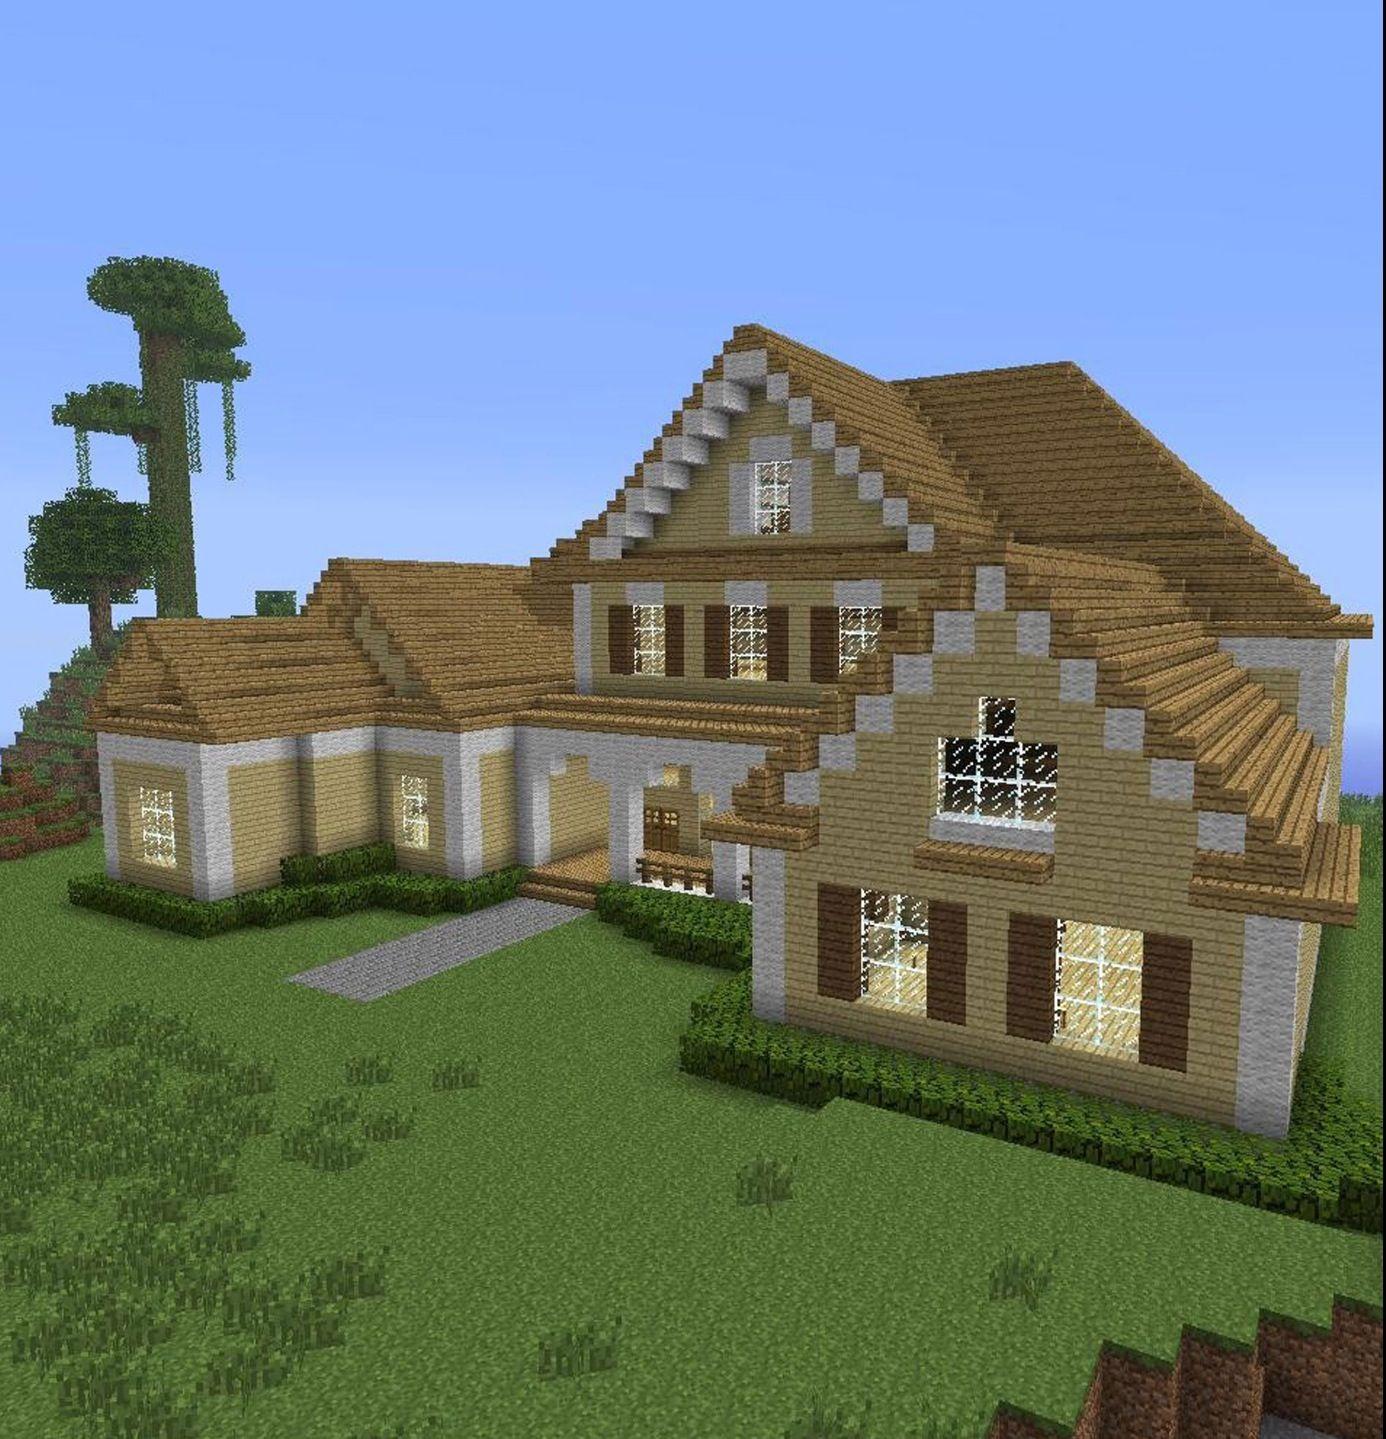 картинки красивых домов в майнкрафте #2